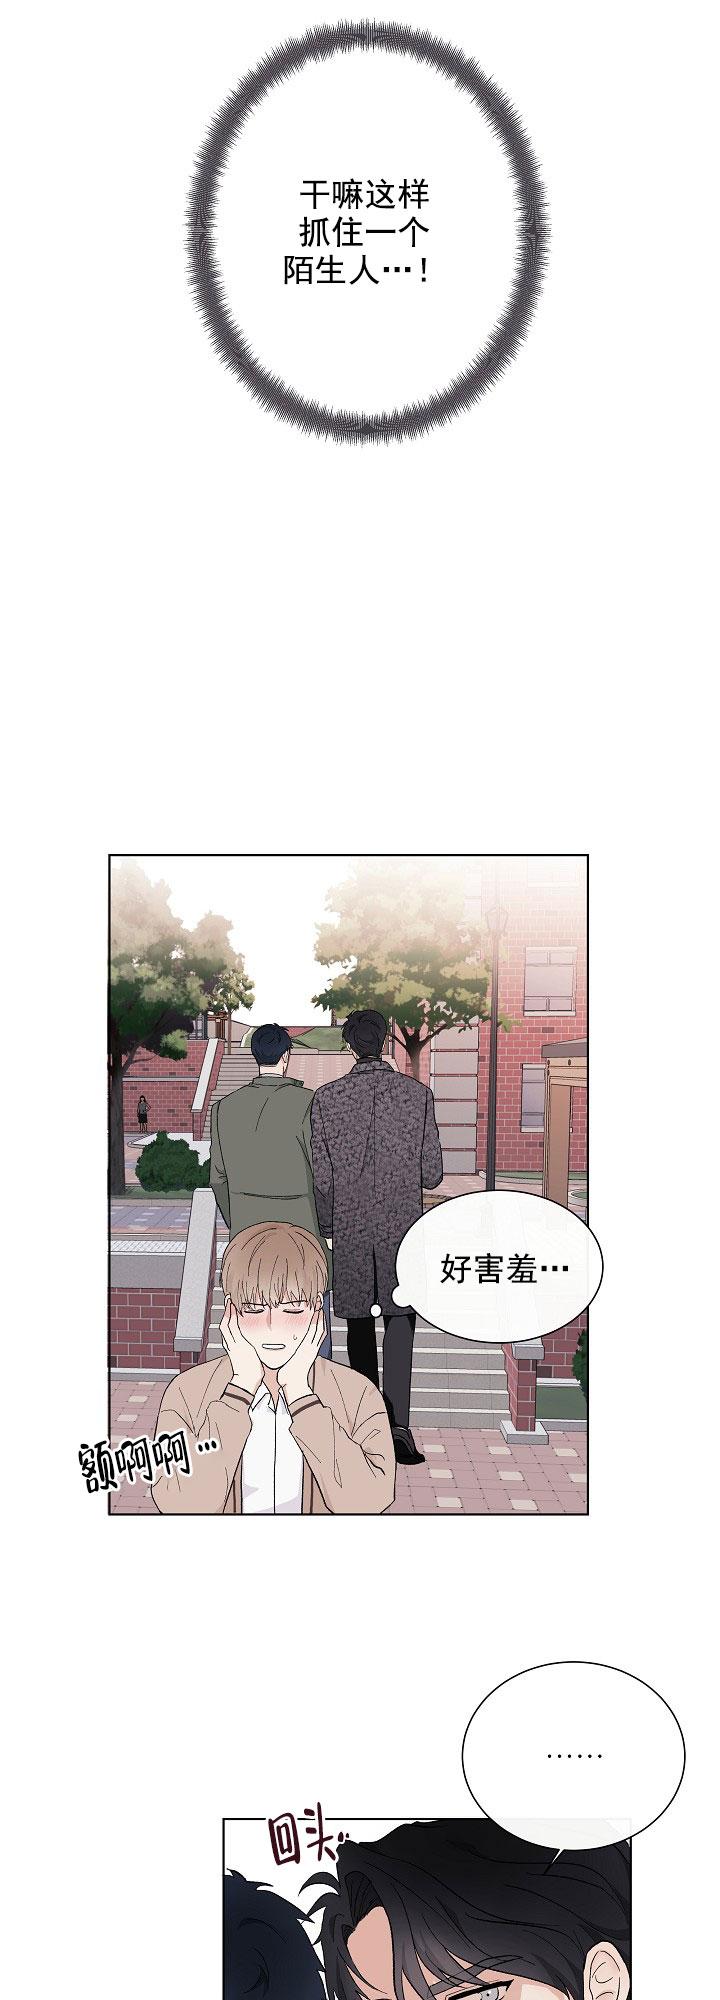 韩漫 |《恋爱练习》  腹黑年下的追妻大计  第19张